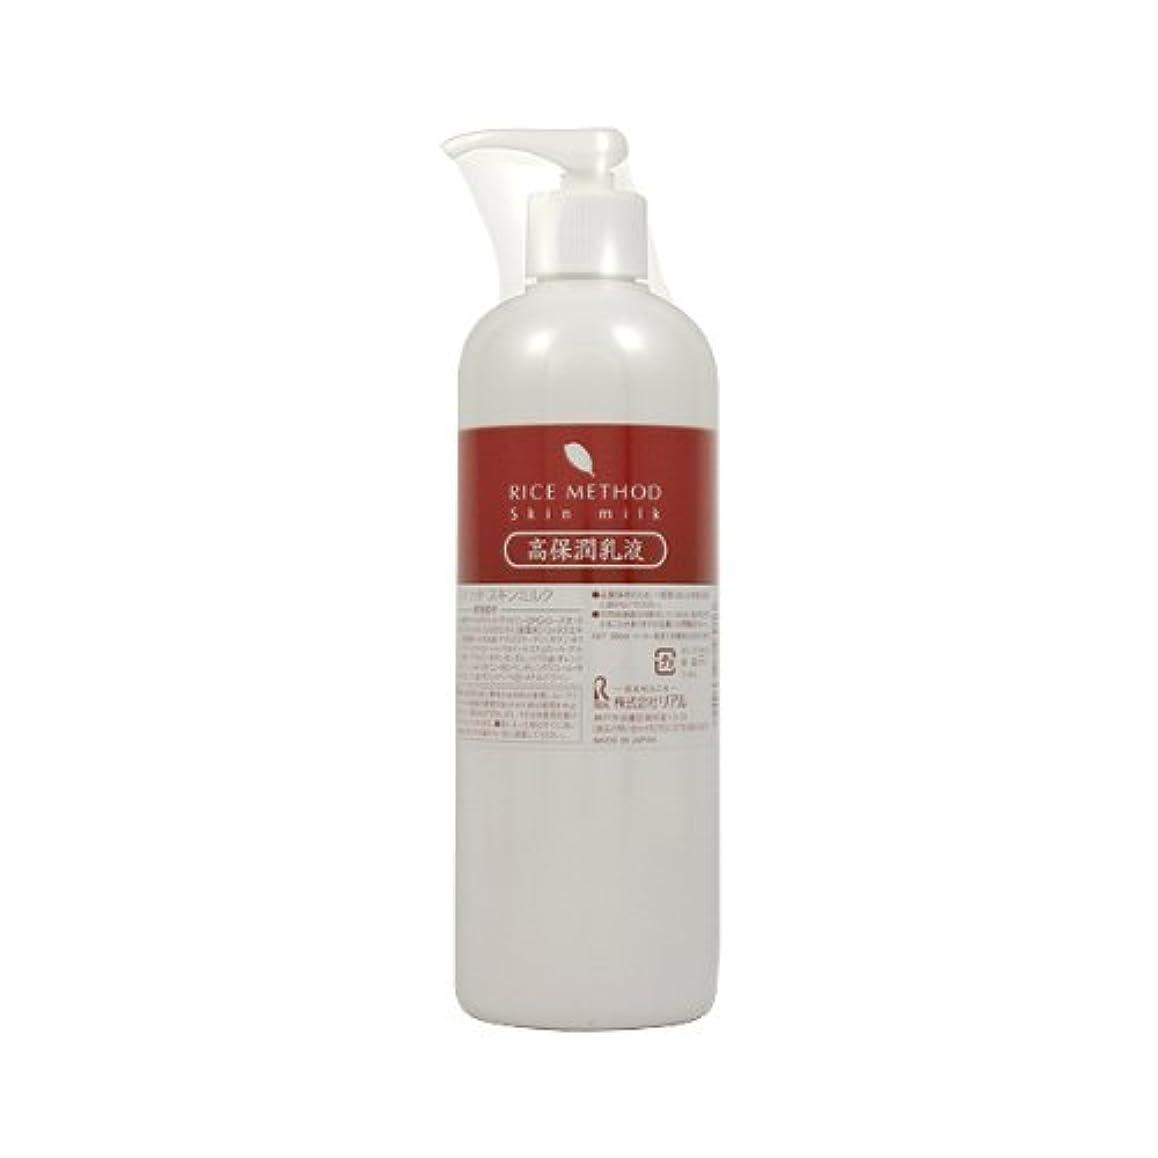 スリッパ窓を洗う発信リアル ライスメソッド スキンミルク(高保湿乳液) 380ml